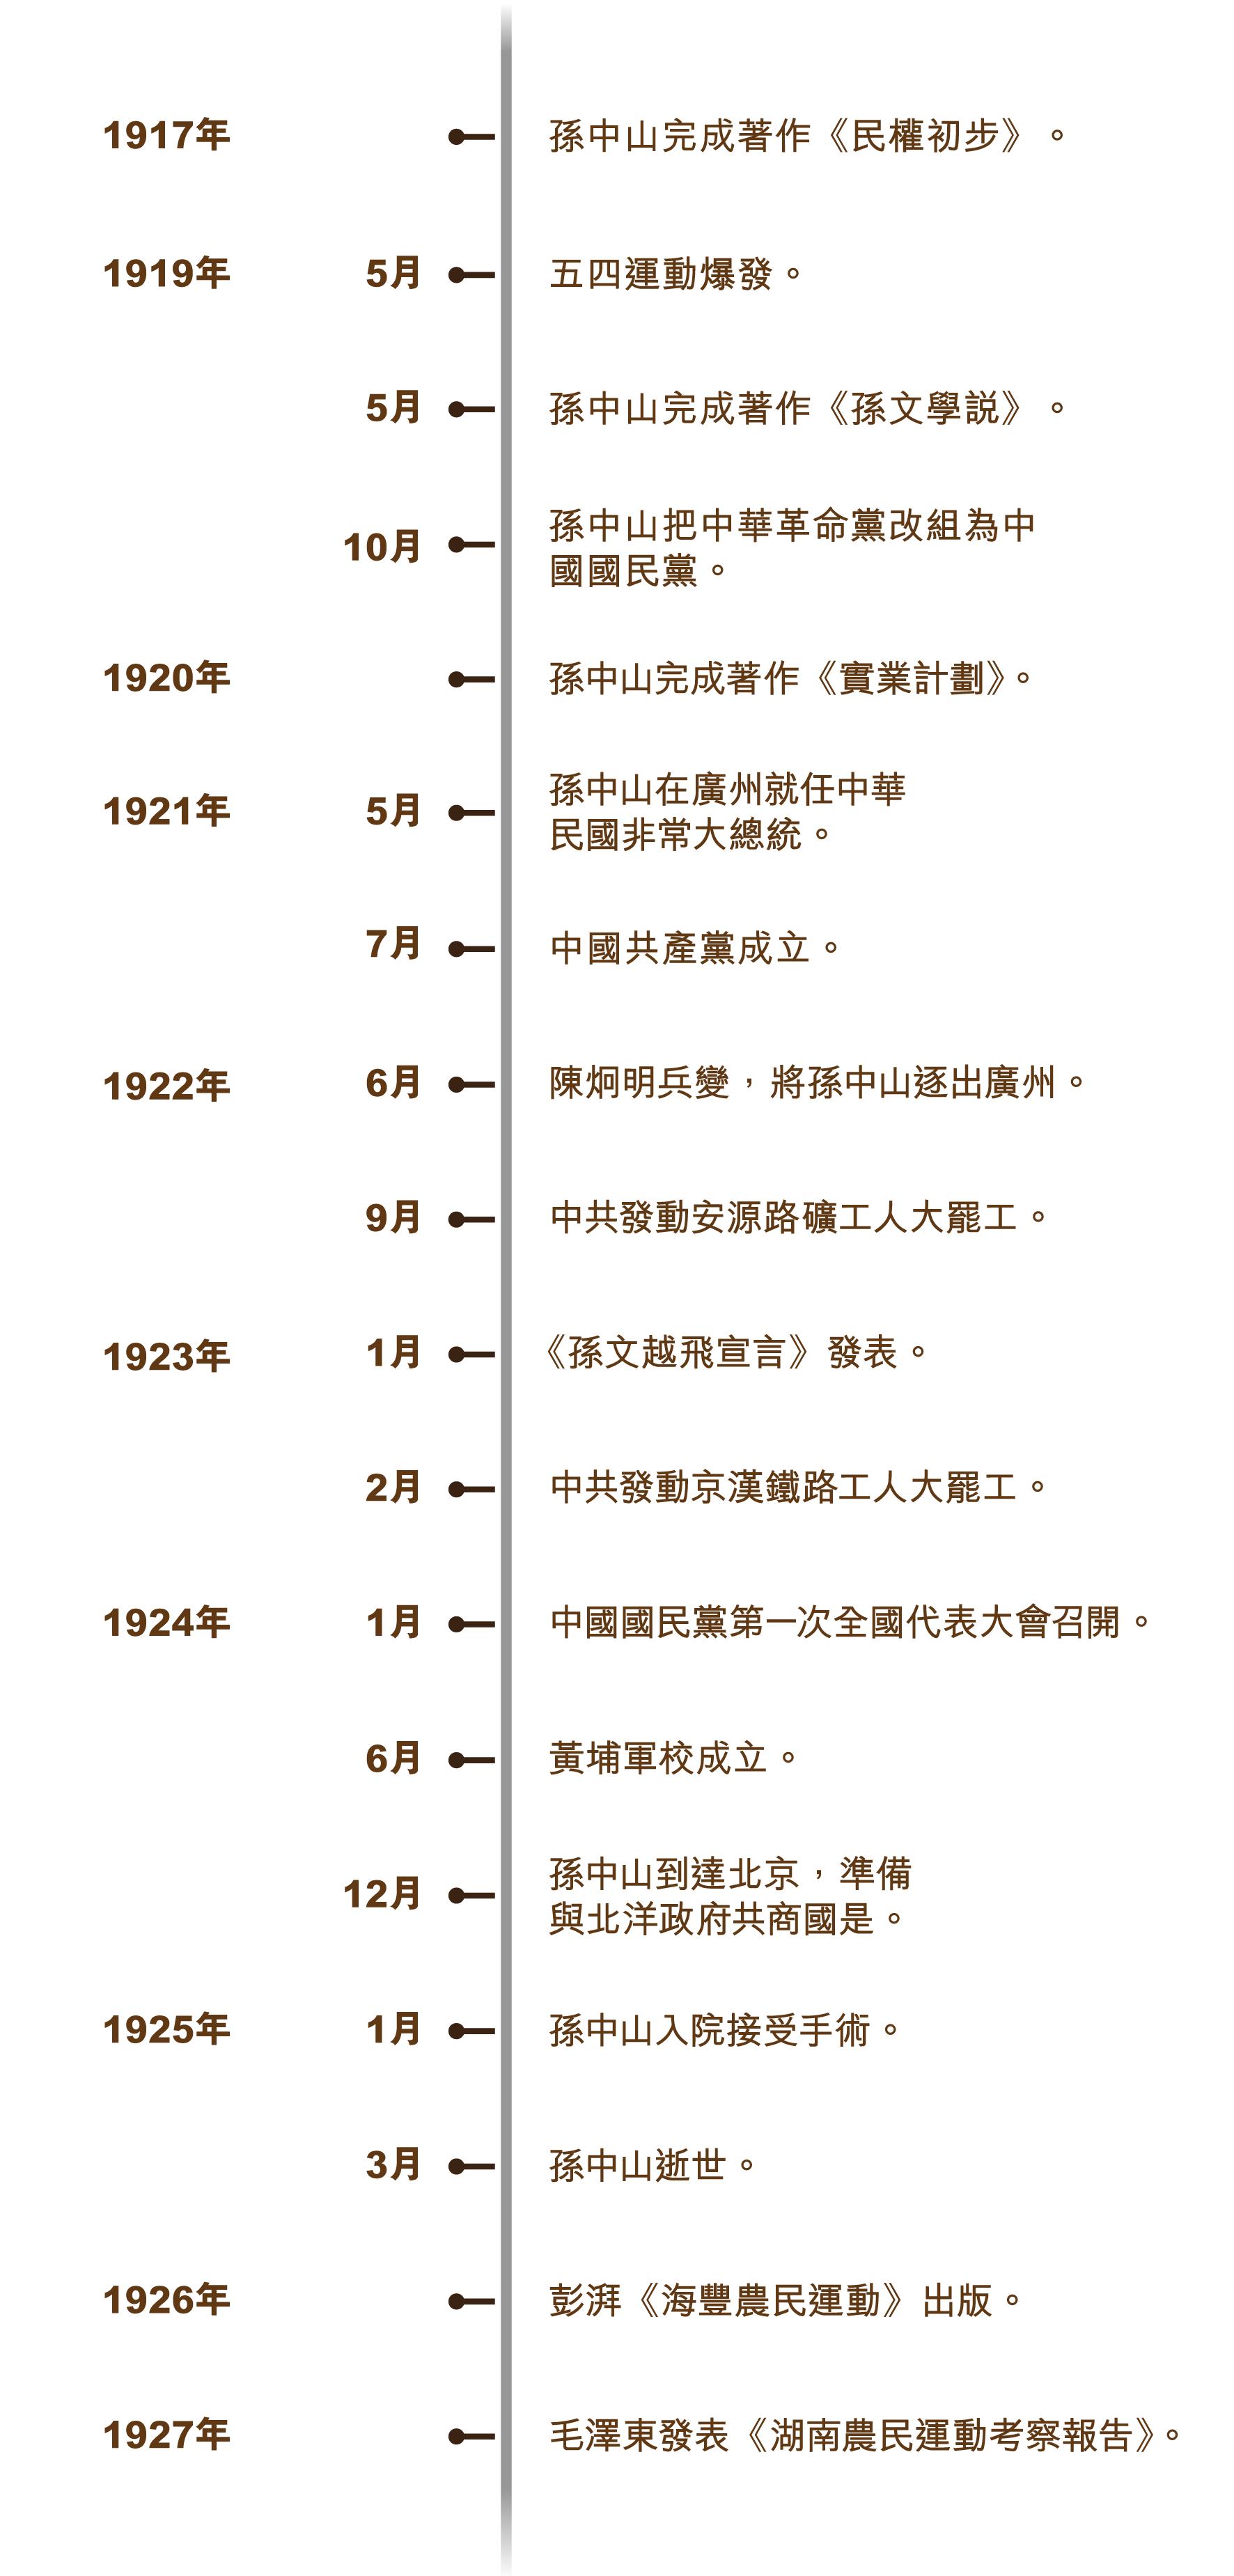 guogong_timeline_750x715_v1-01